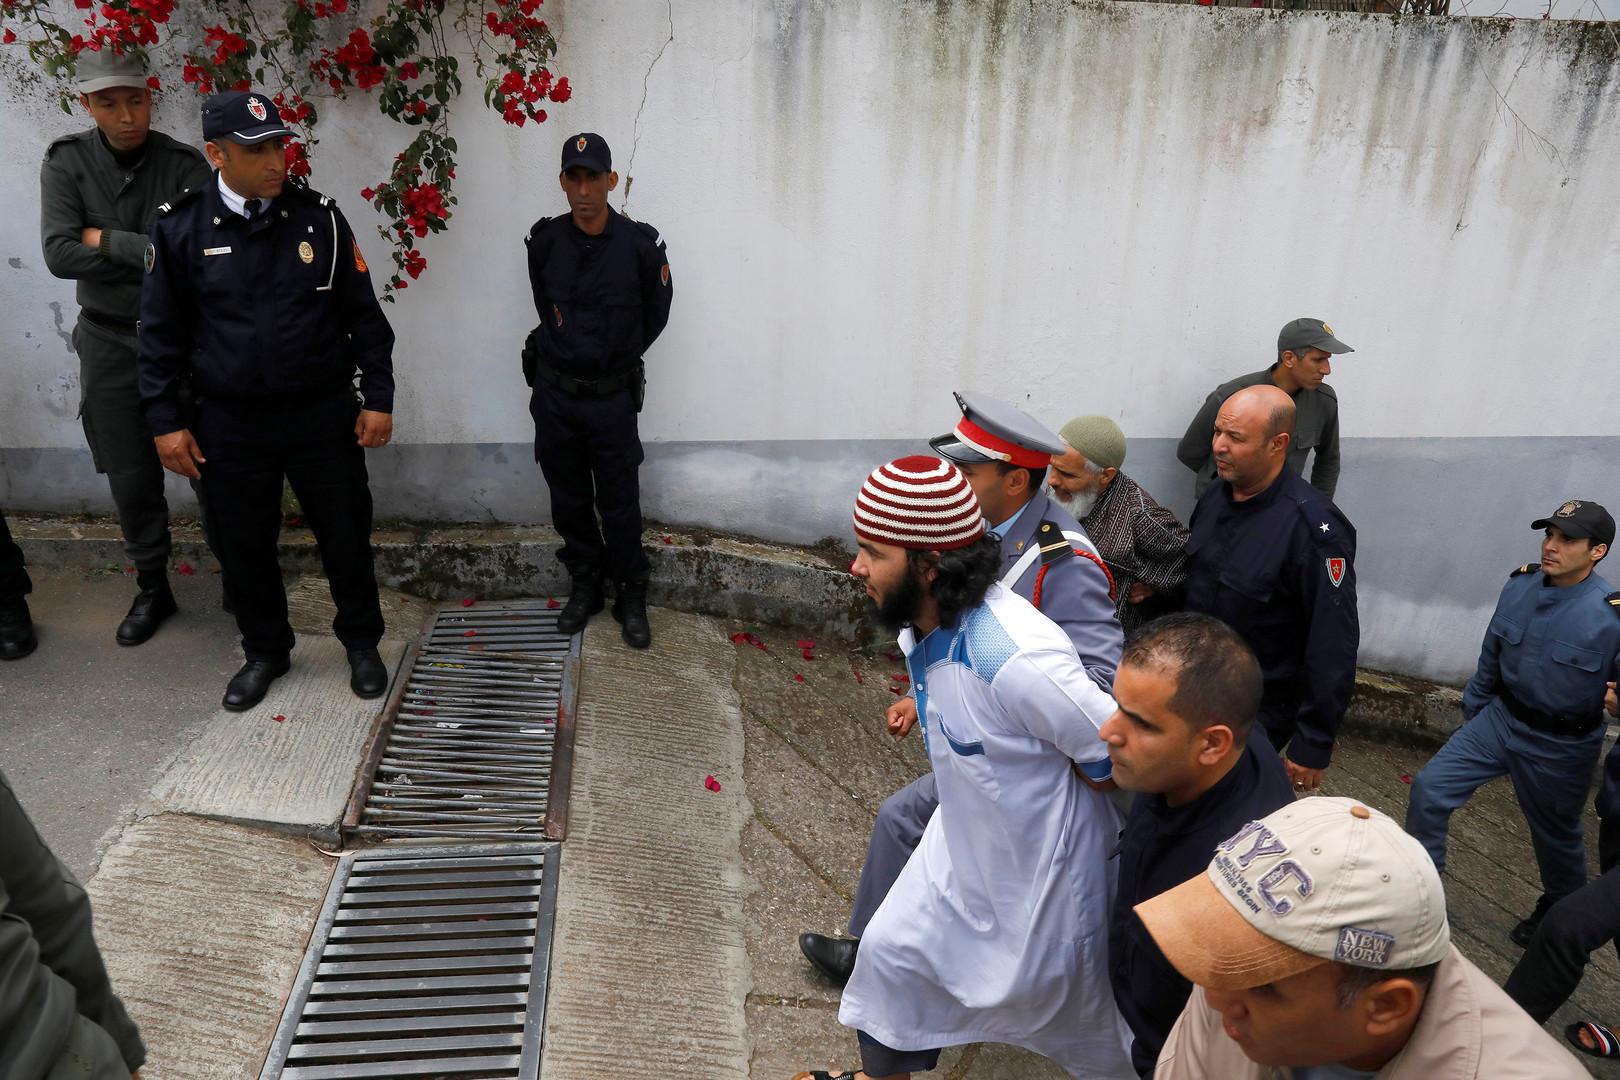 إرهابي يصدم المحكمة بقوله: قتل الرجال أفضل من النساء